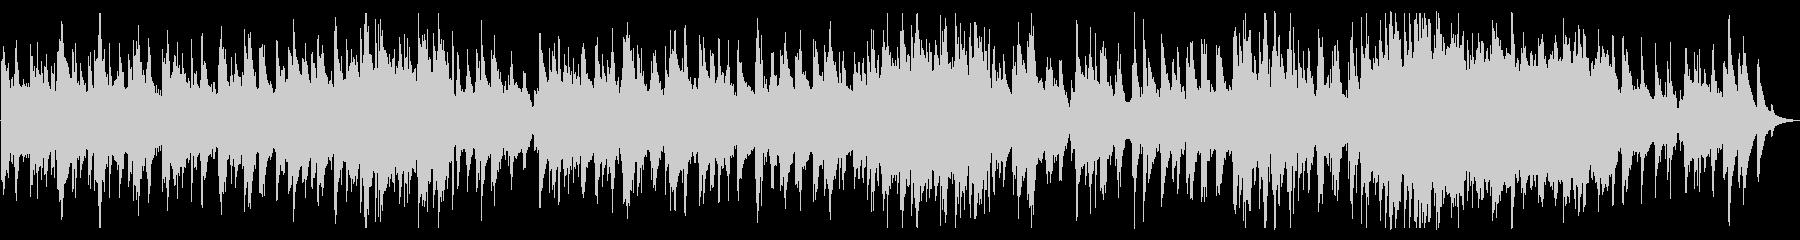 「仰げば尊し」スムースジャズバージョンの未再生の波形